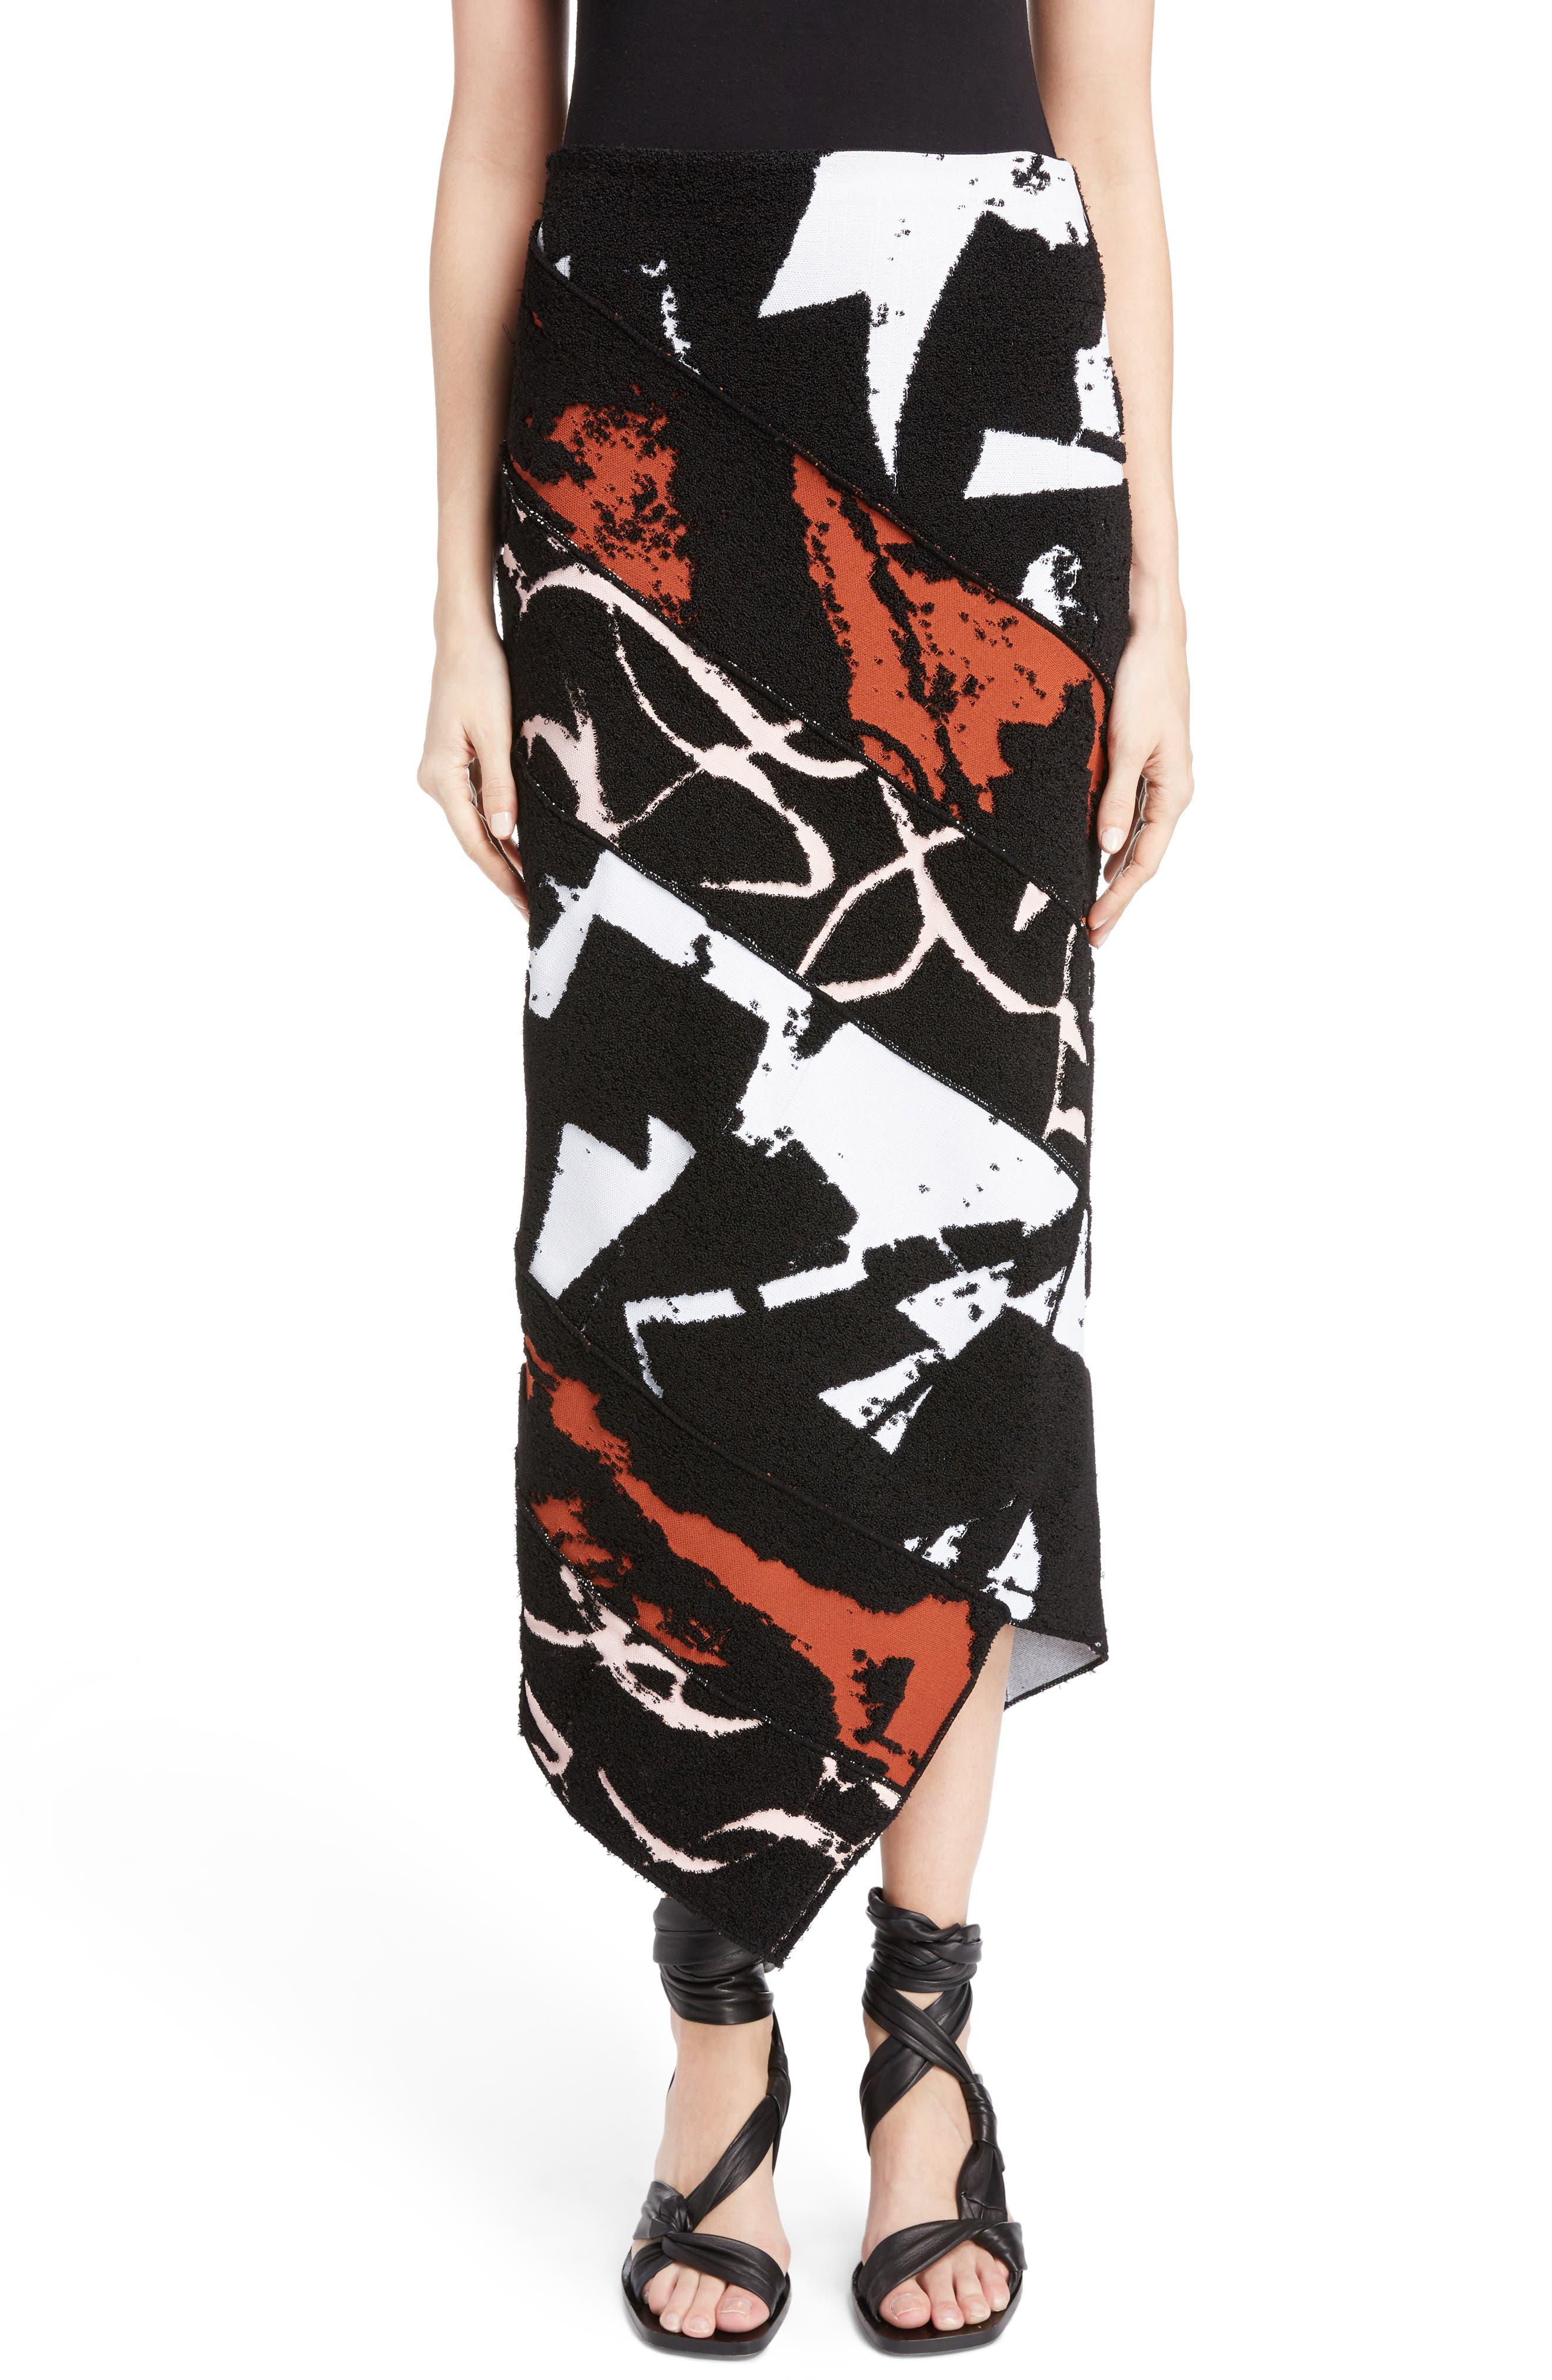 Spiral Knit Jacquard Skirt,                             Main thumbnail 1, color,                             001